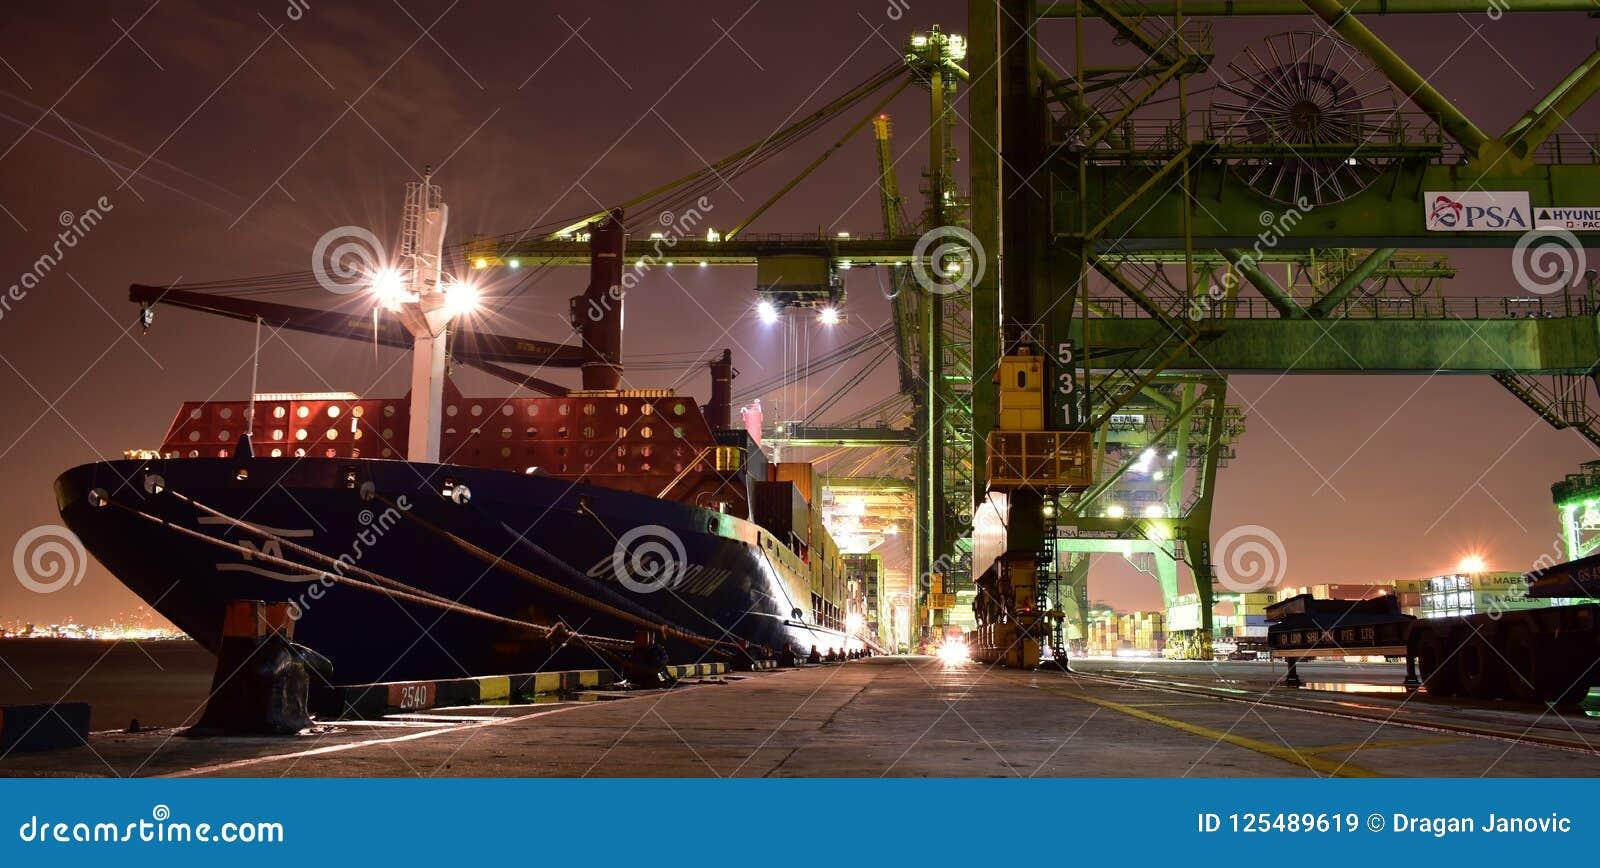 Lastoperationer på den upptagna behållareterminalen under natt